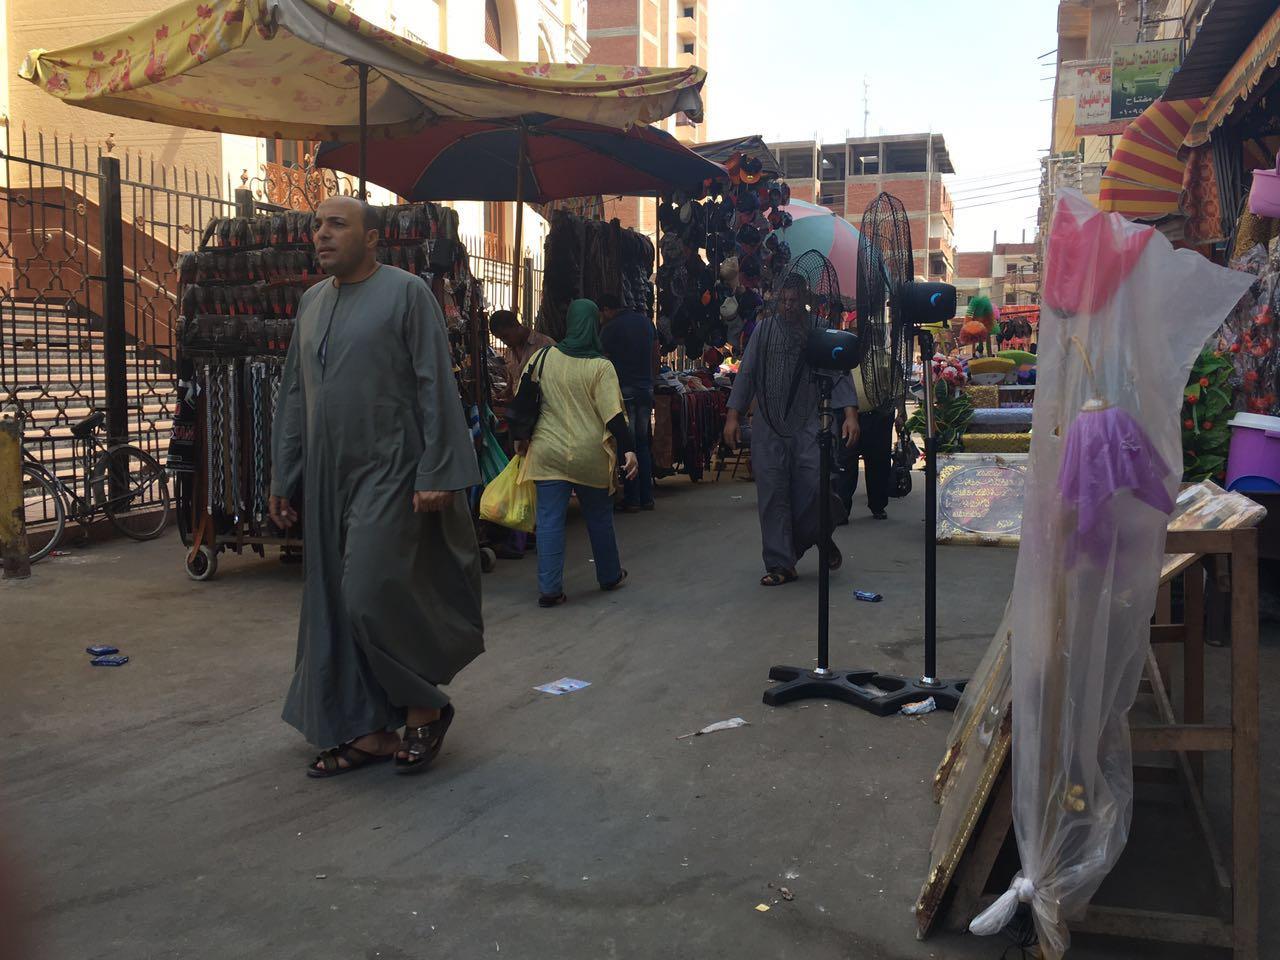 إشغالات تحاصر مجمع إيتاي البارود وتعرقل حركة المارة (صور)